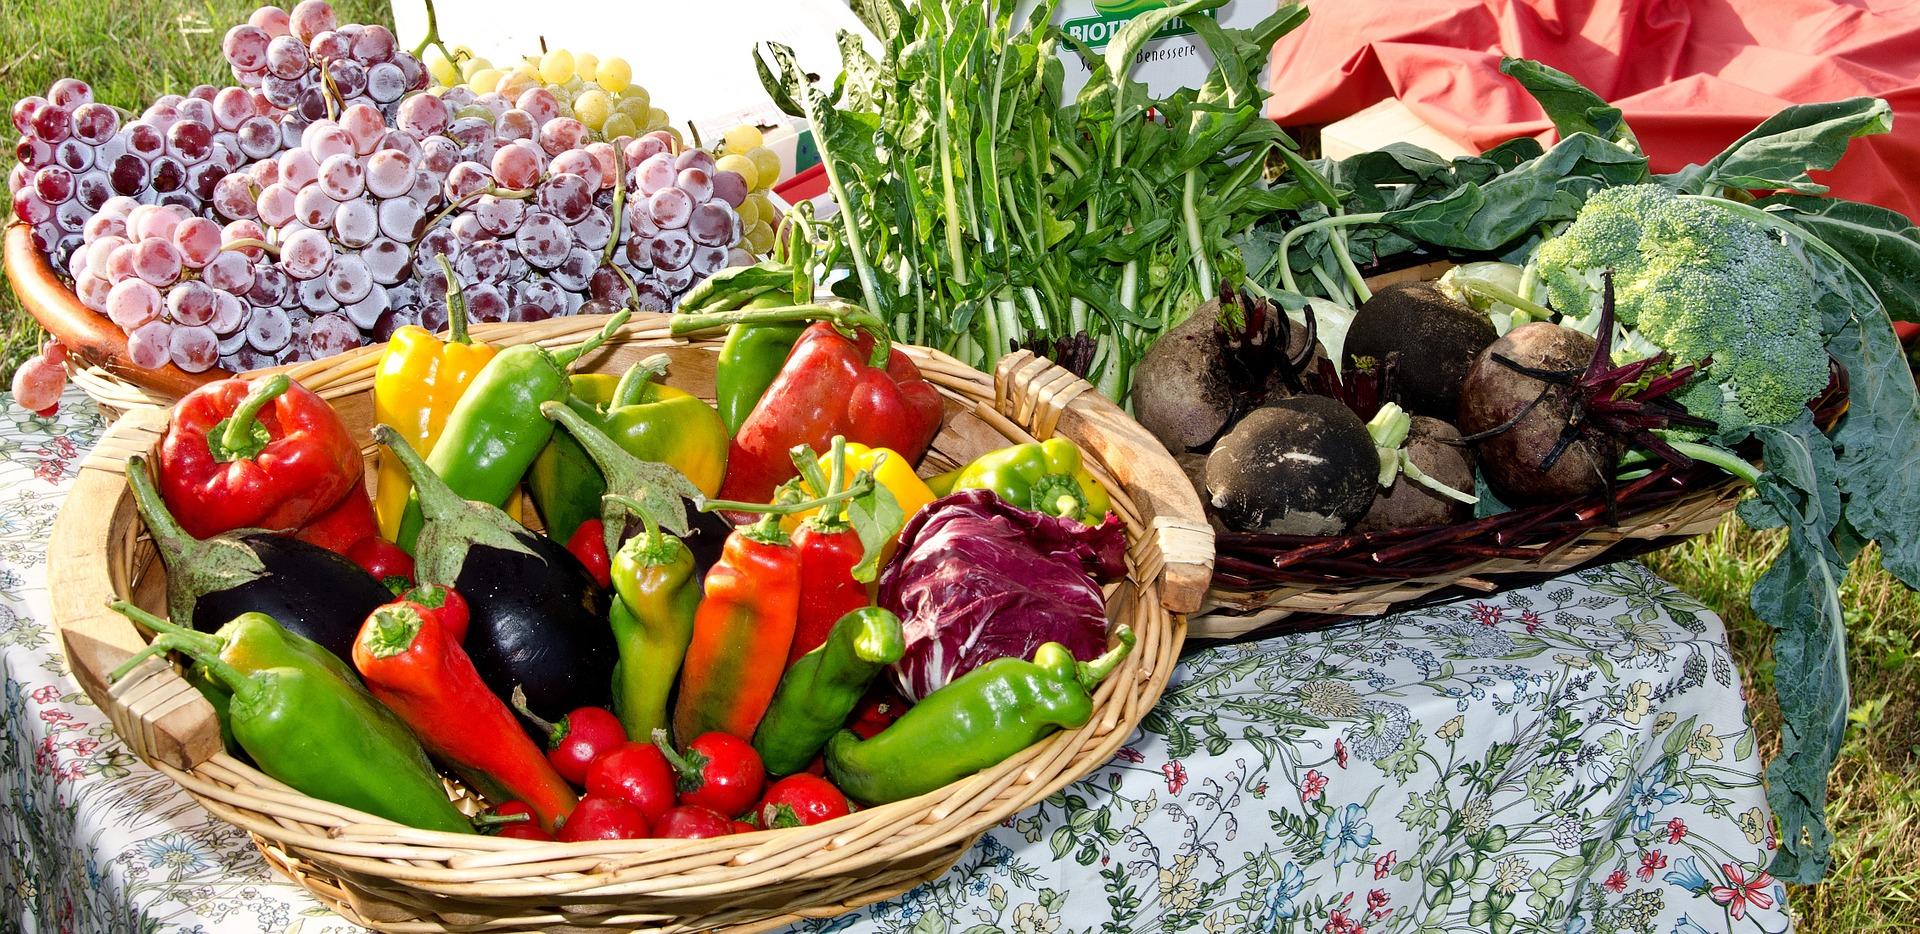 Plantaardig dieet. Onbewerkt plantaardige voeding/whole food plant based dieet